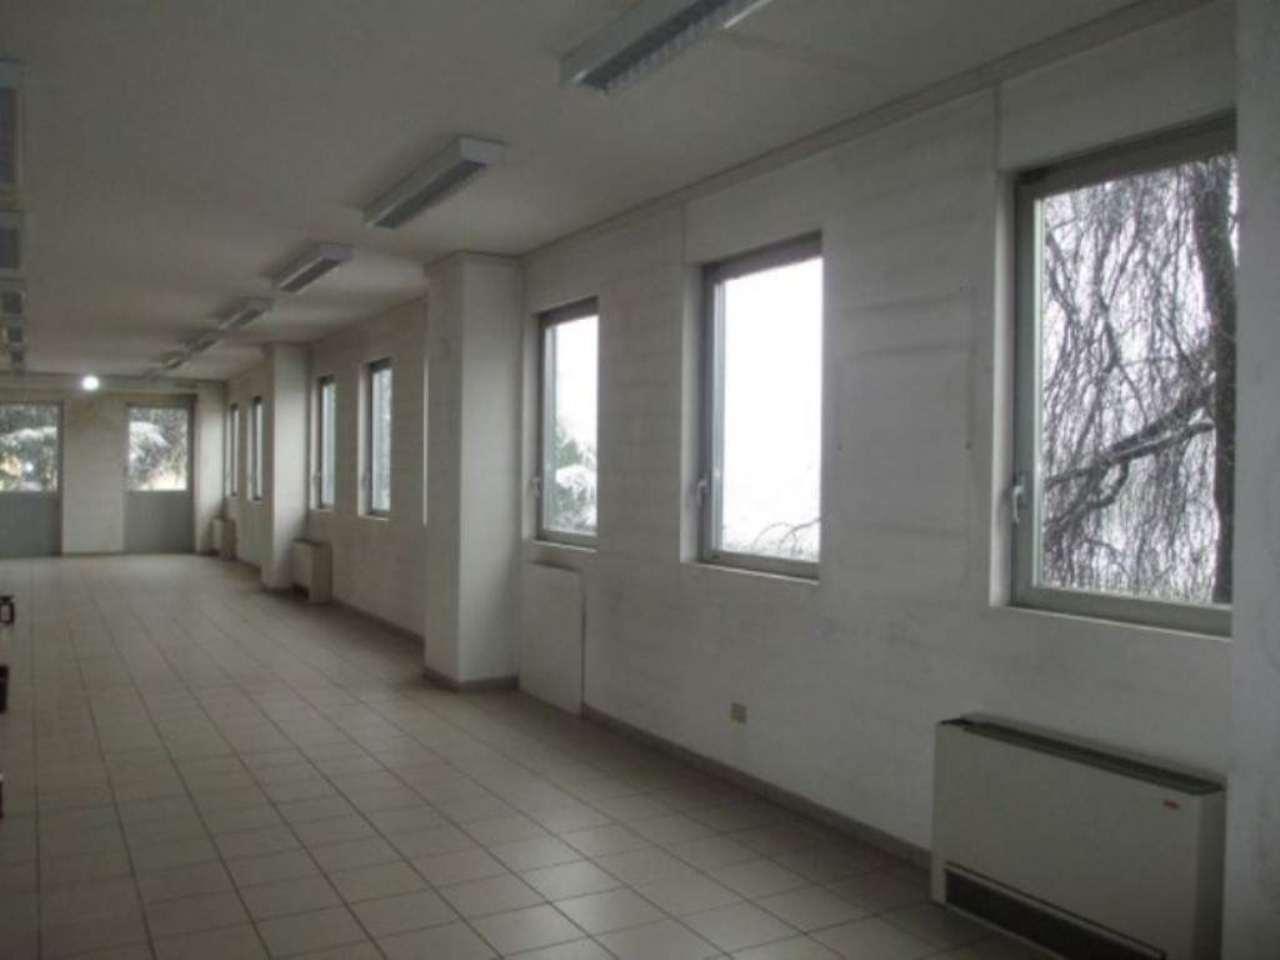 Negozio / Locale in affitto a Soresina, 6 locali, Trattative riservate | Cambio Casa.it